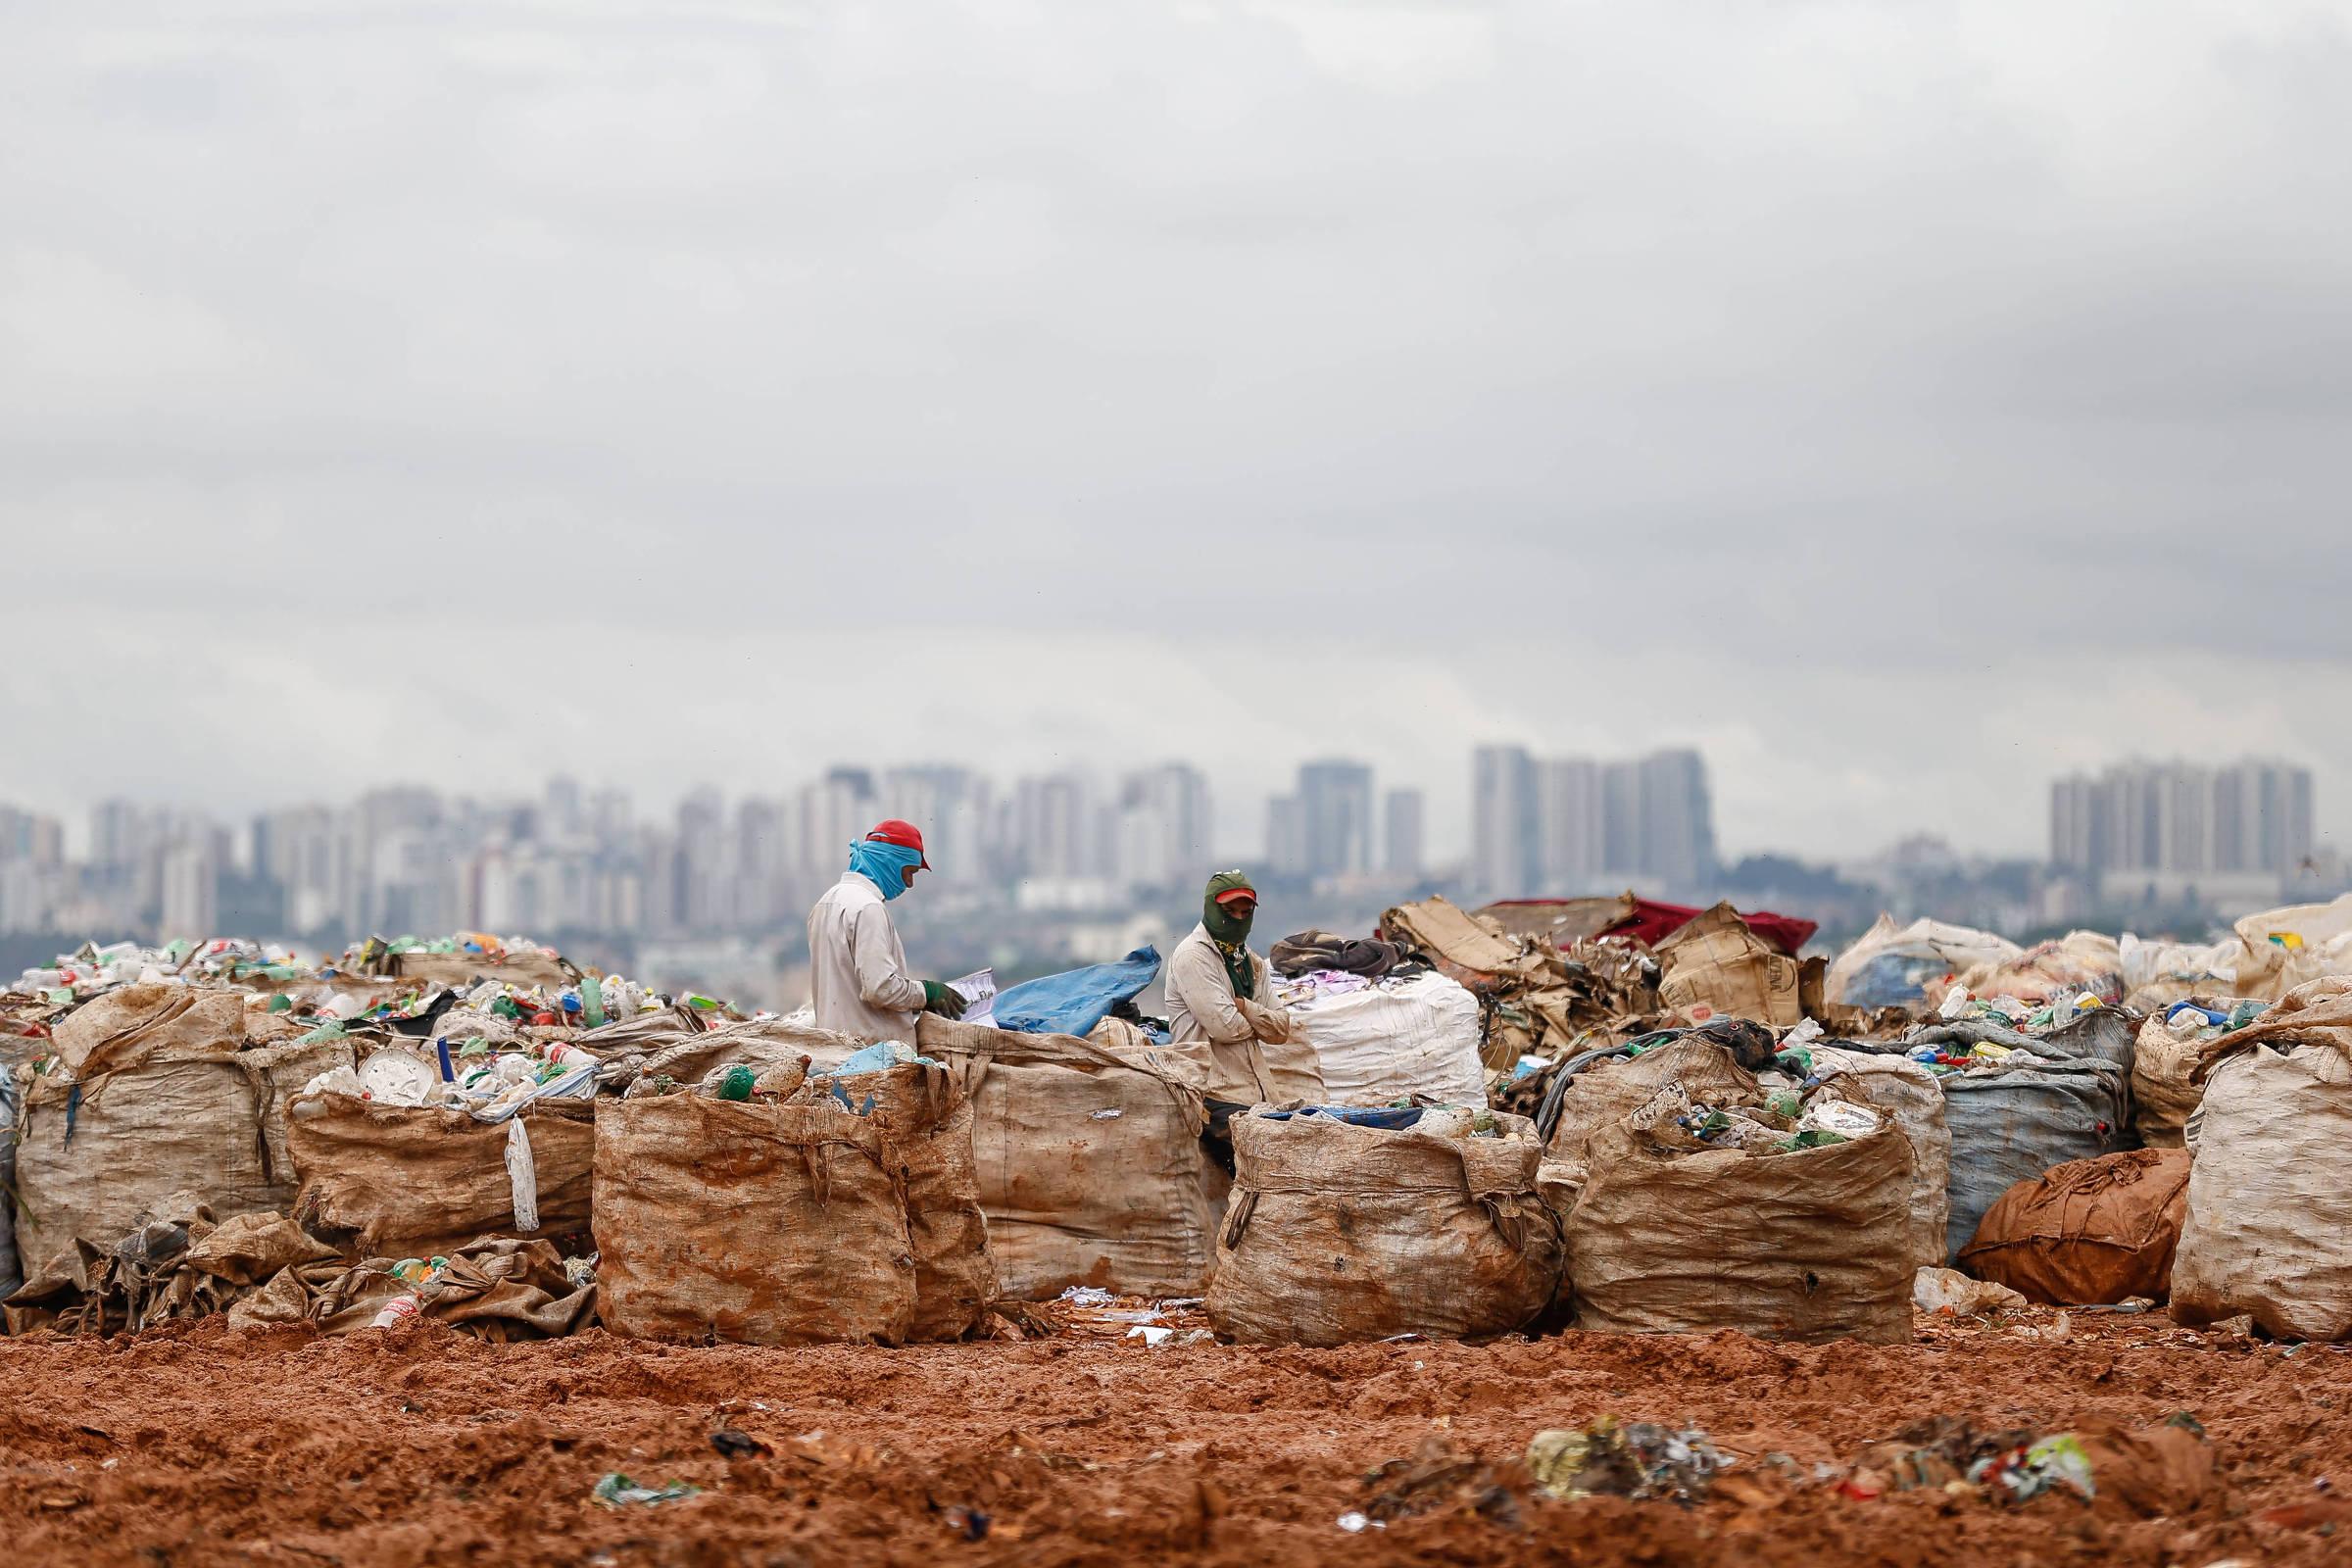 Estudo mostra o que favorece o lixão, doença crônica no país